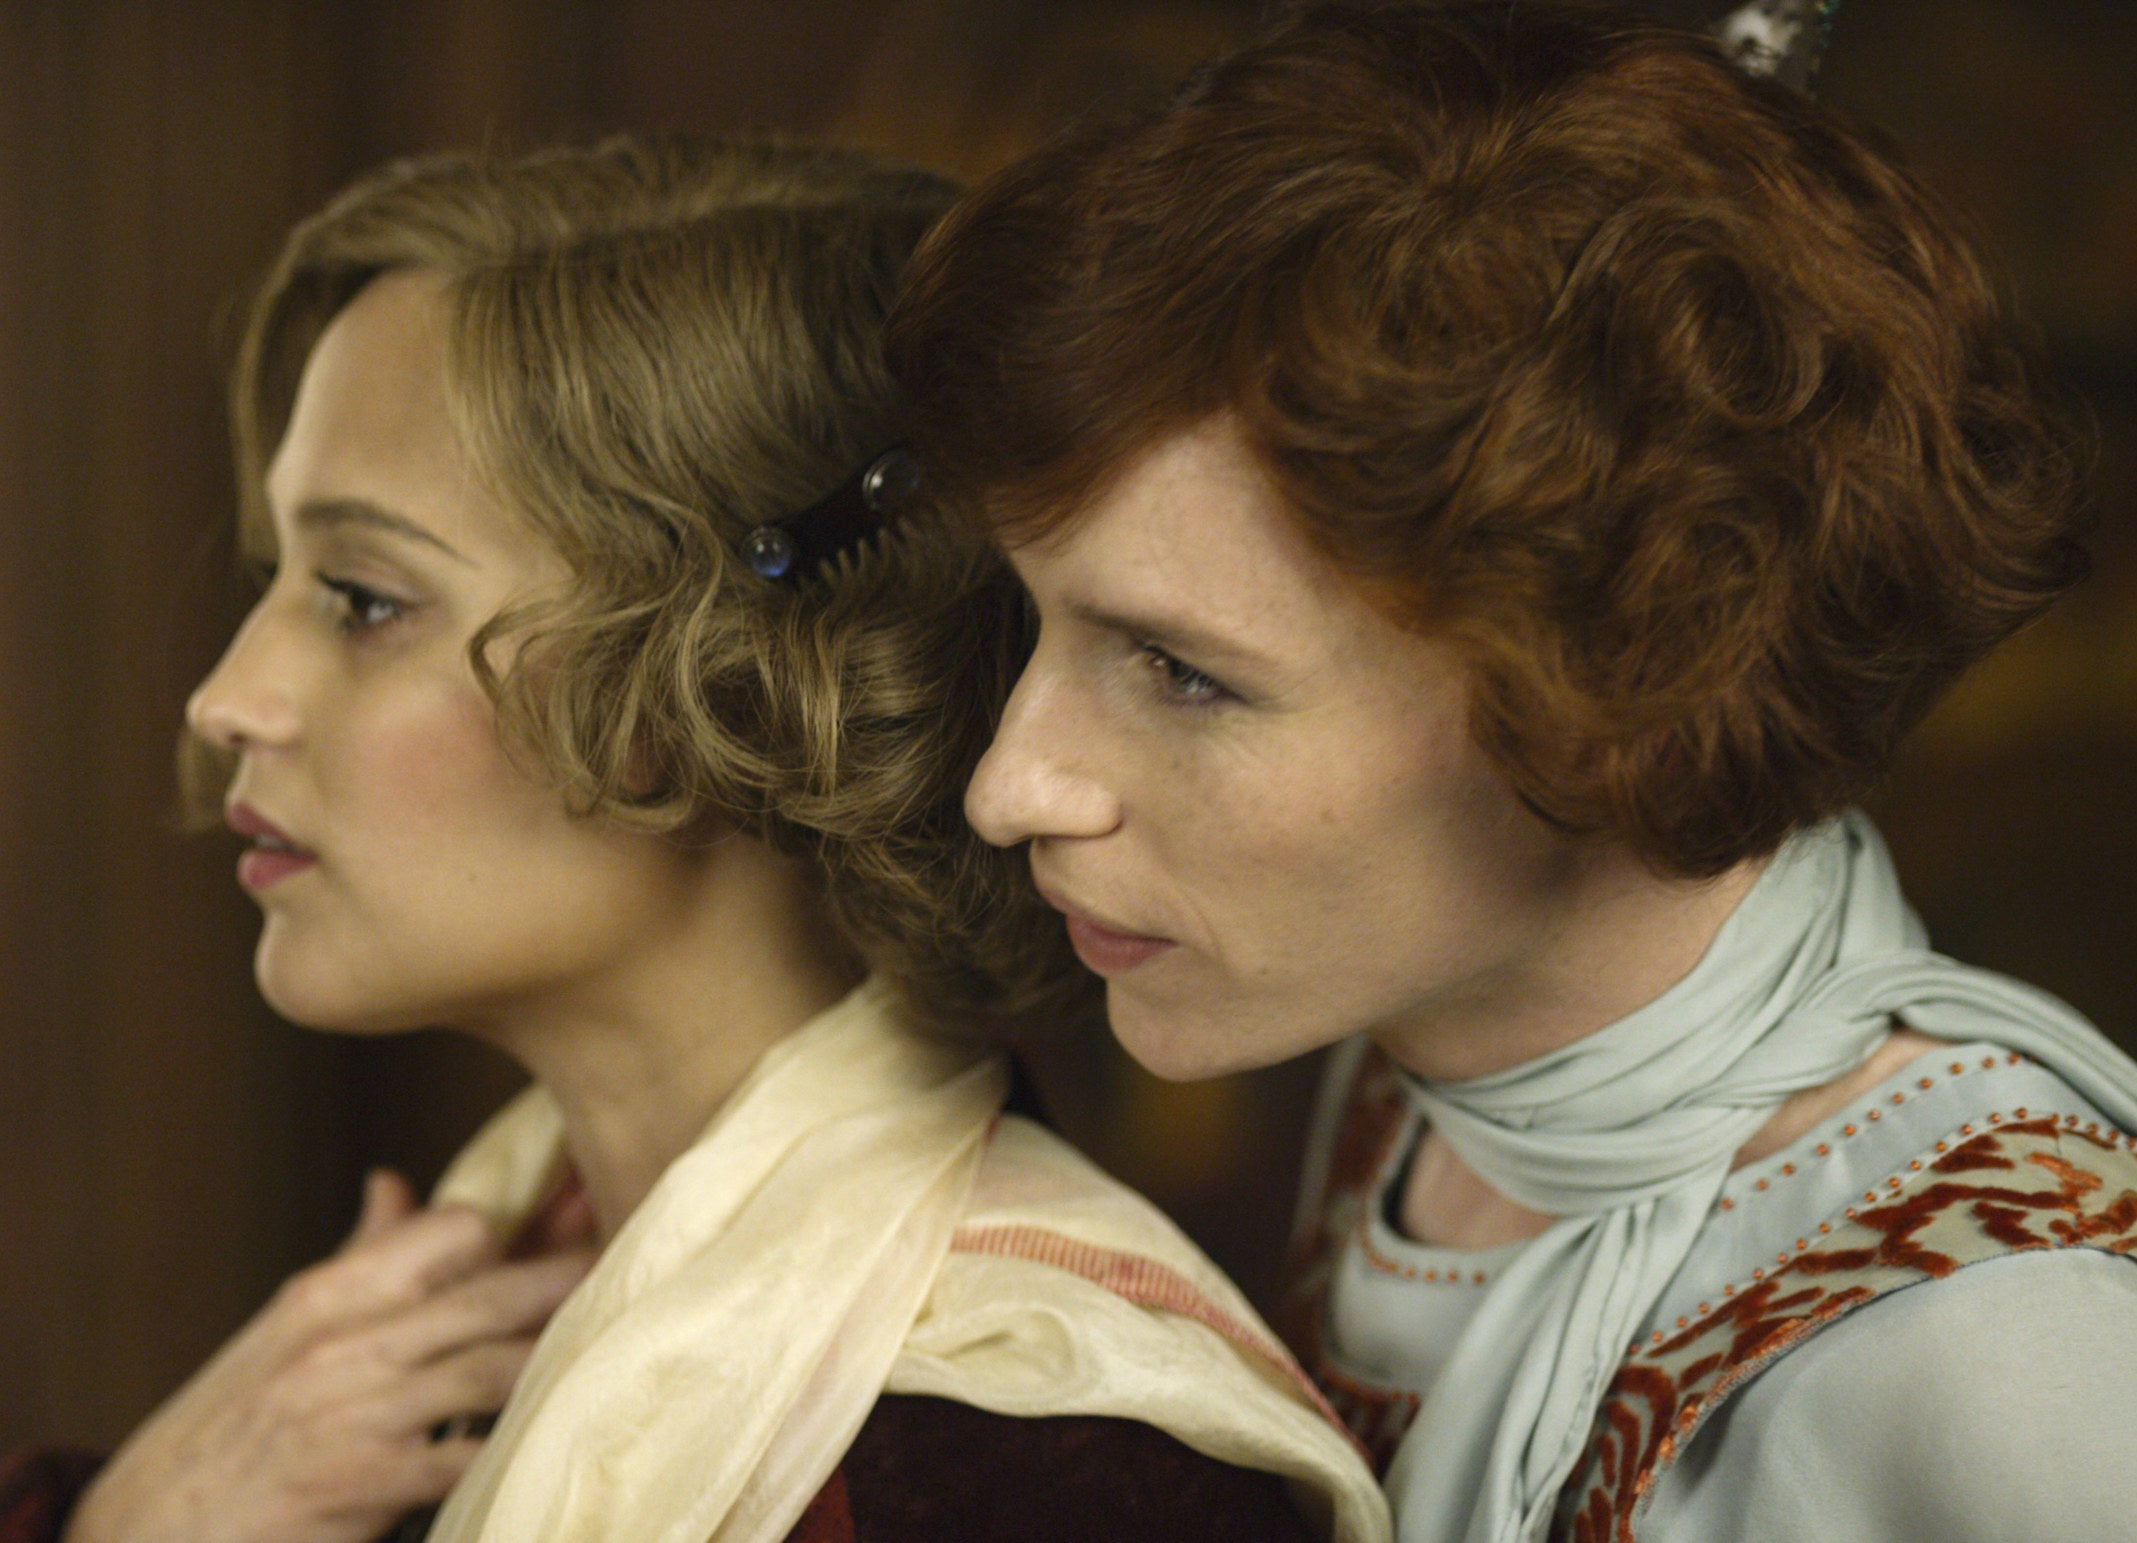 Einar looks over Gerda's shoulder